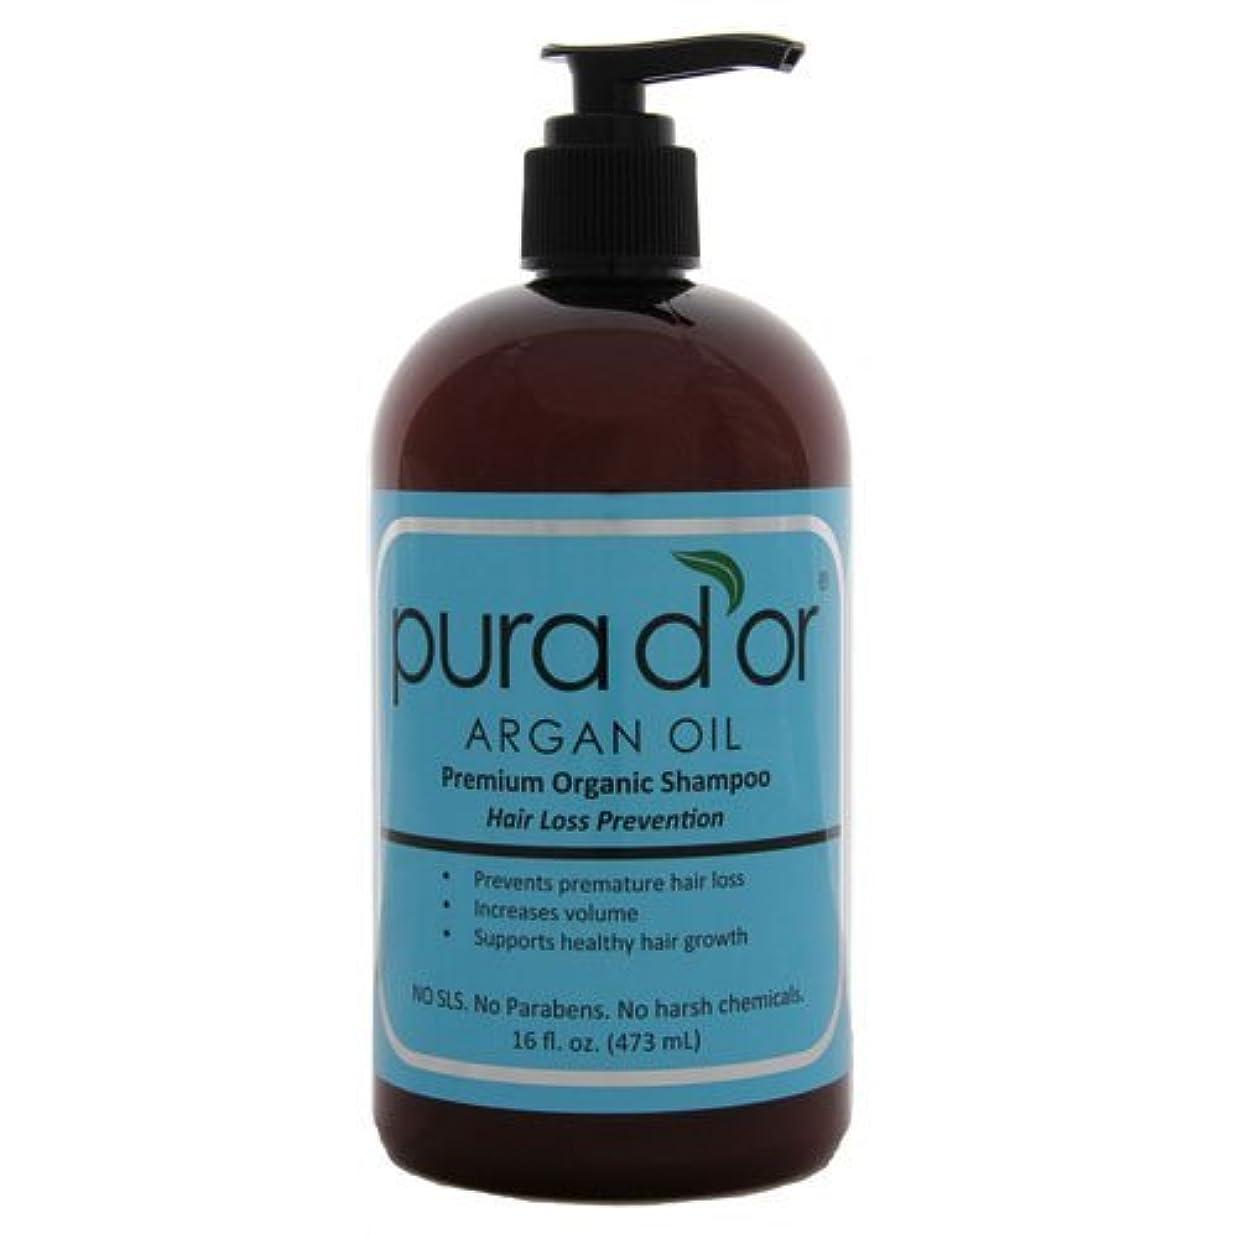 改善するアクセスできない稼ぐ【オーガニック】 DHTブロッカー シャンプー男女兼用 470ml【並行輸入品】 Pura d'or Hair Loss Prevention Premium Organic Shampoo 16oz